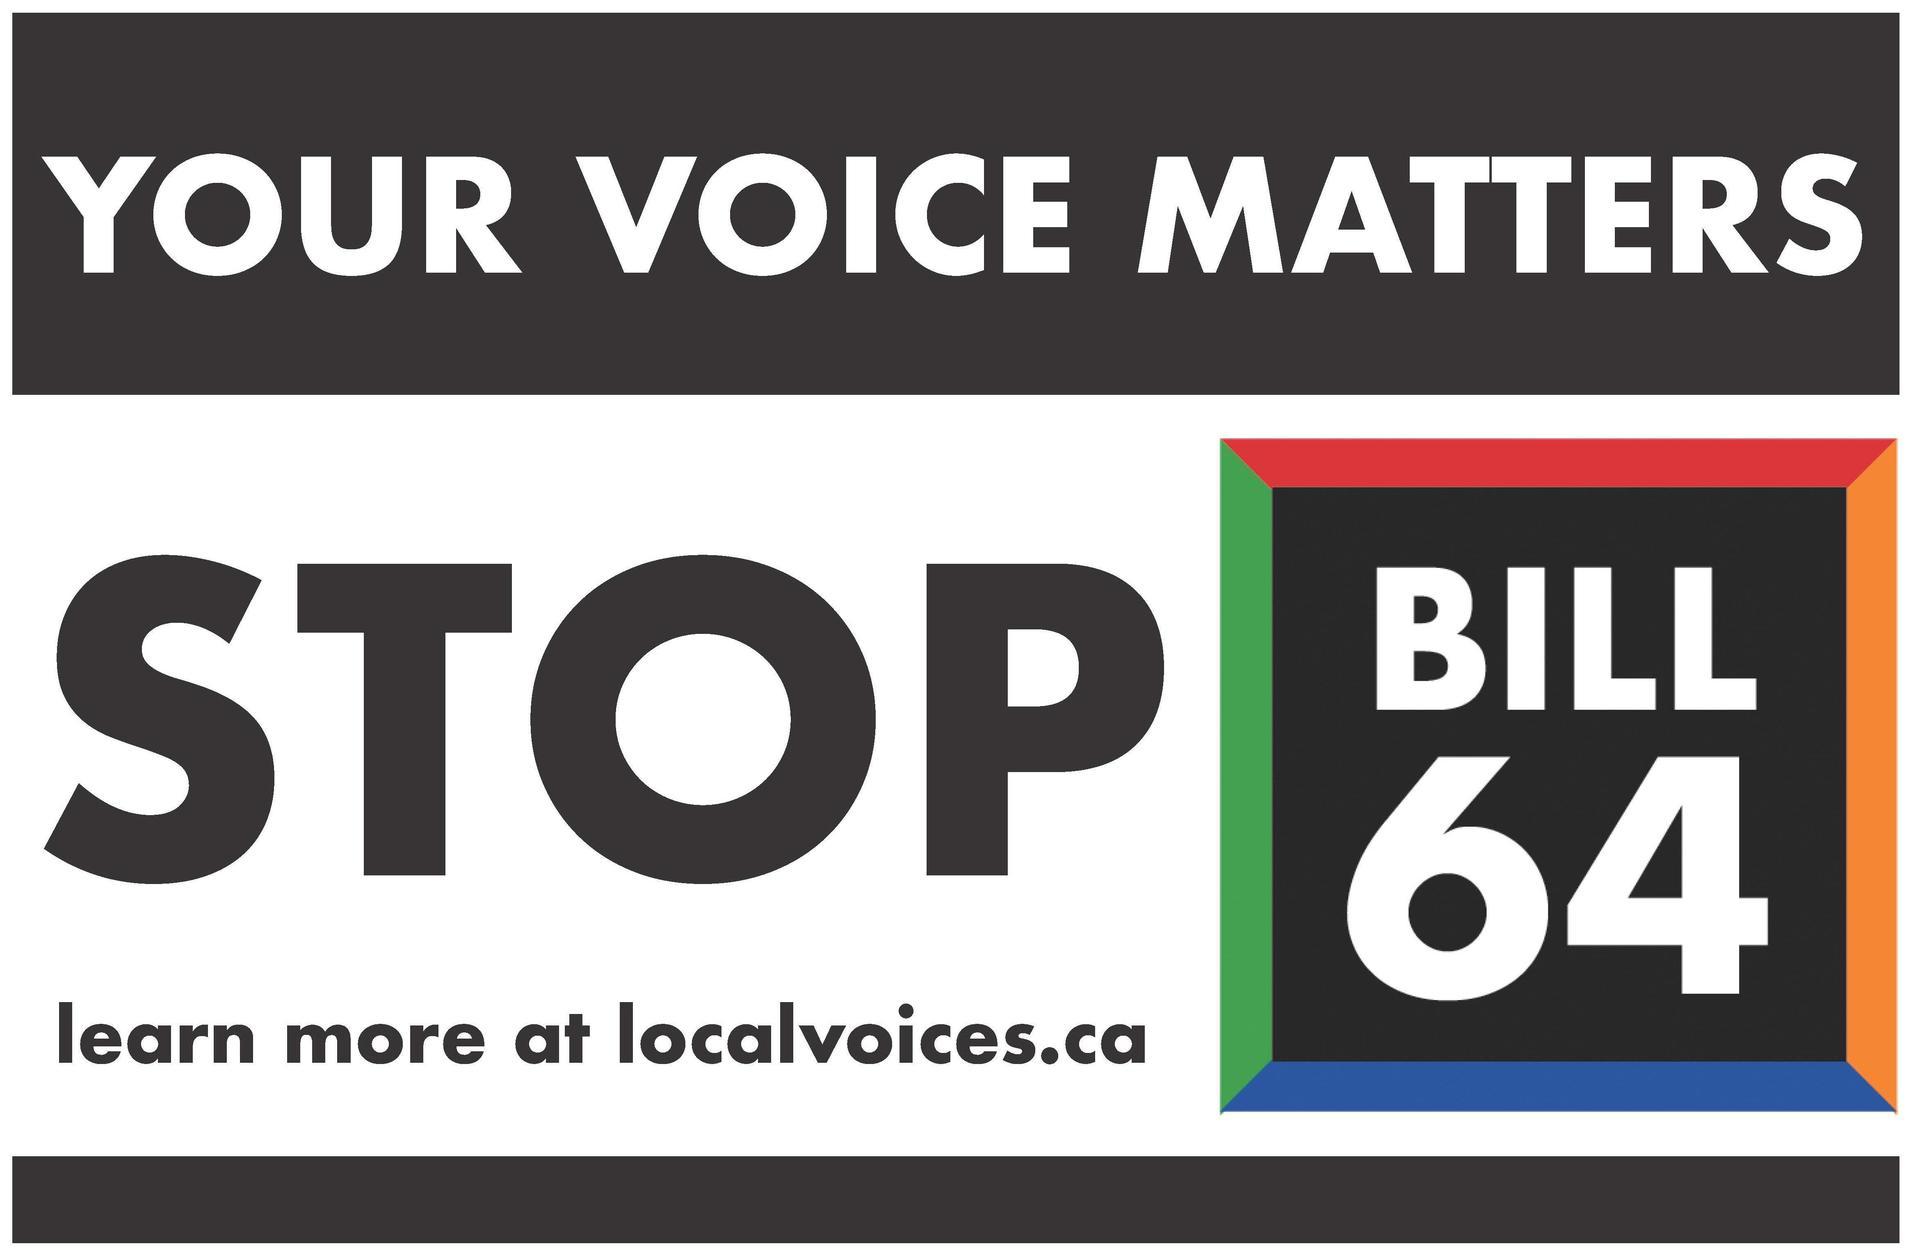 Stop Bill 64